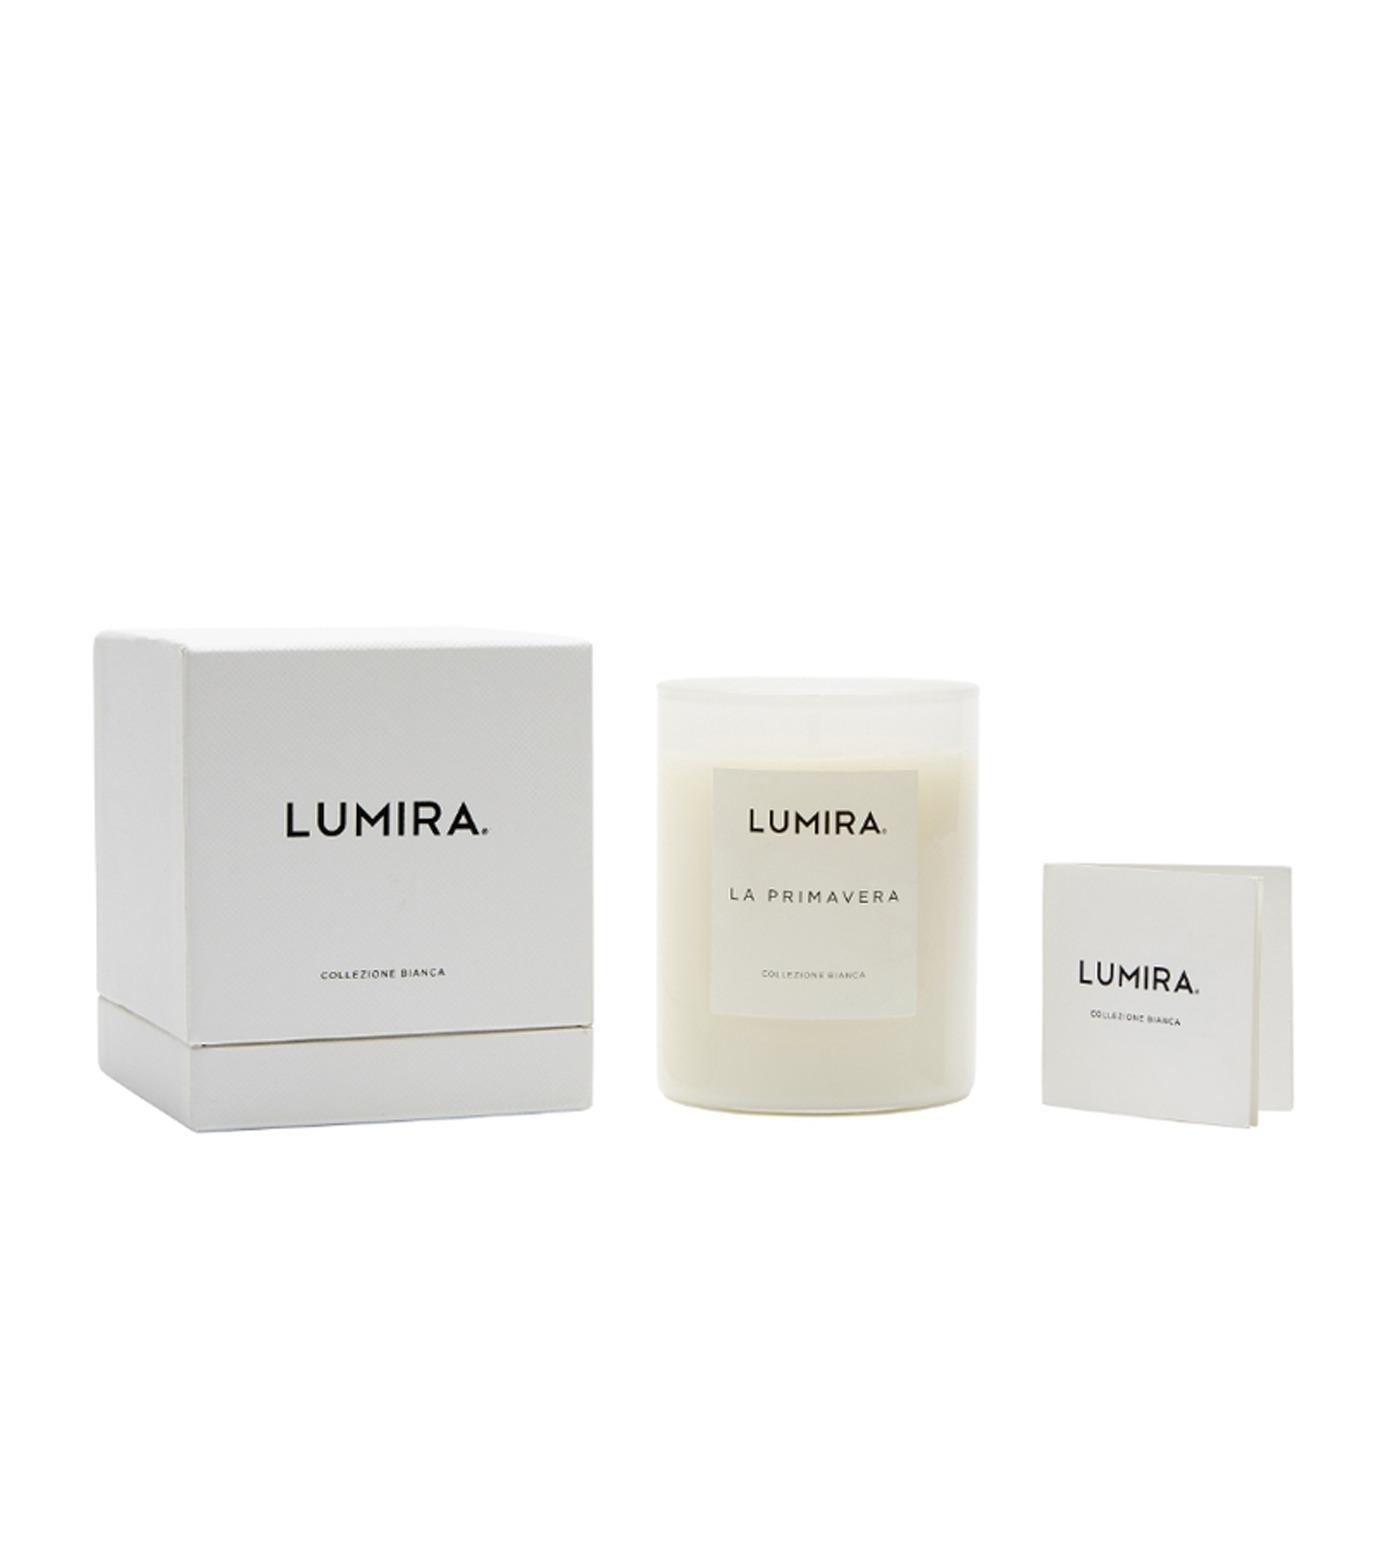 LUMIRA(ルミラ)のCollezione Bianca La Primavera-WHITE(キャンドル/candle)-103-CA-021-4 拡大詳細画像2